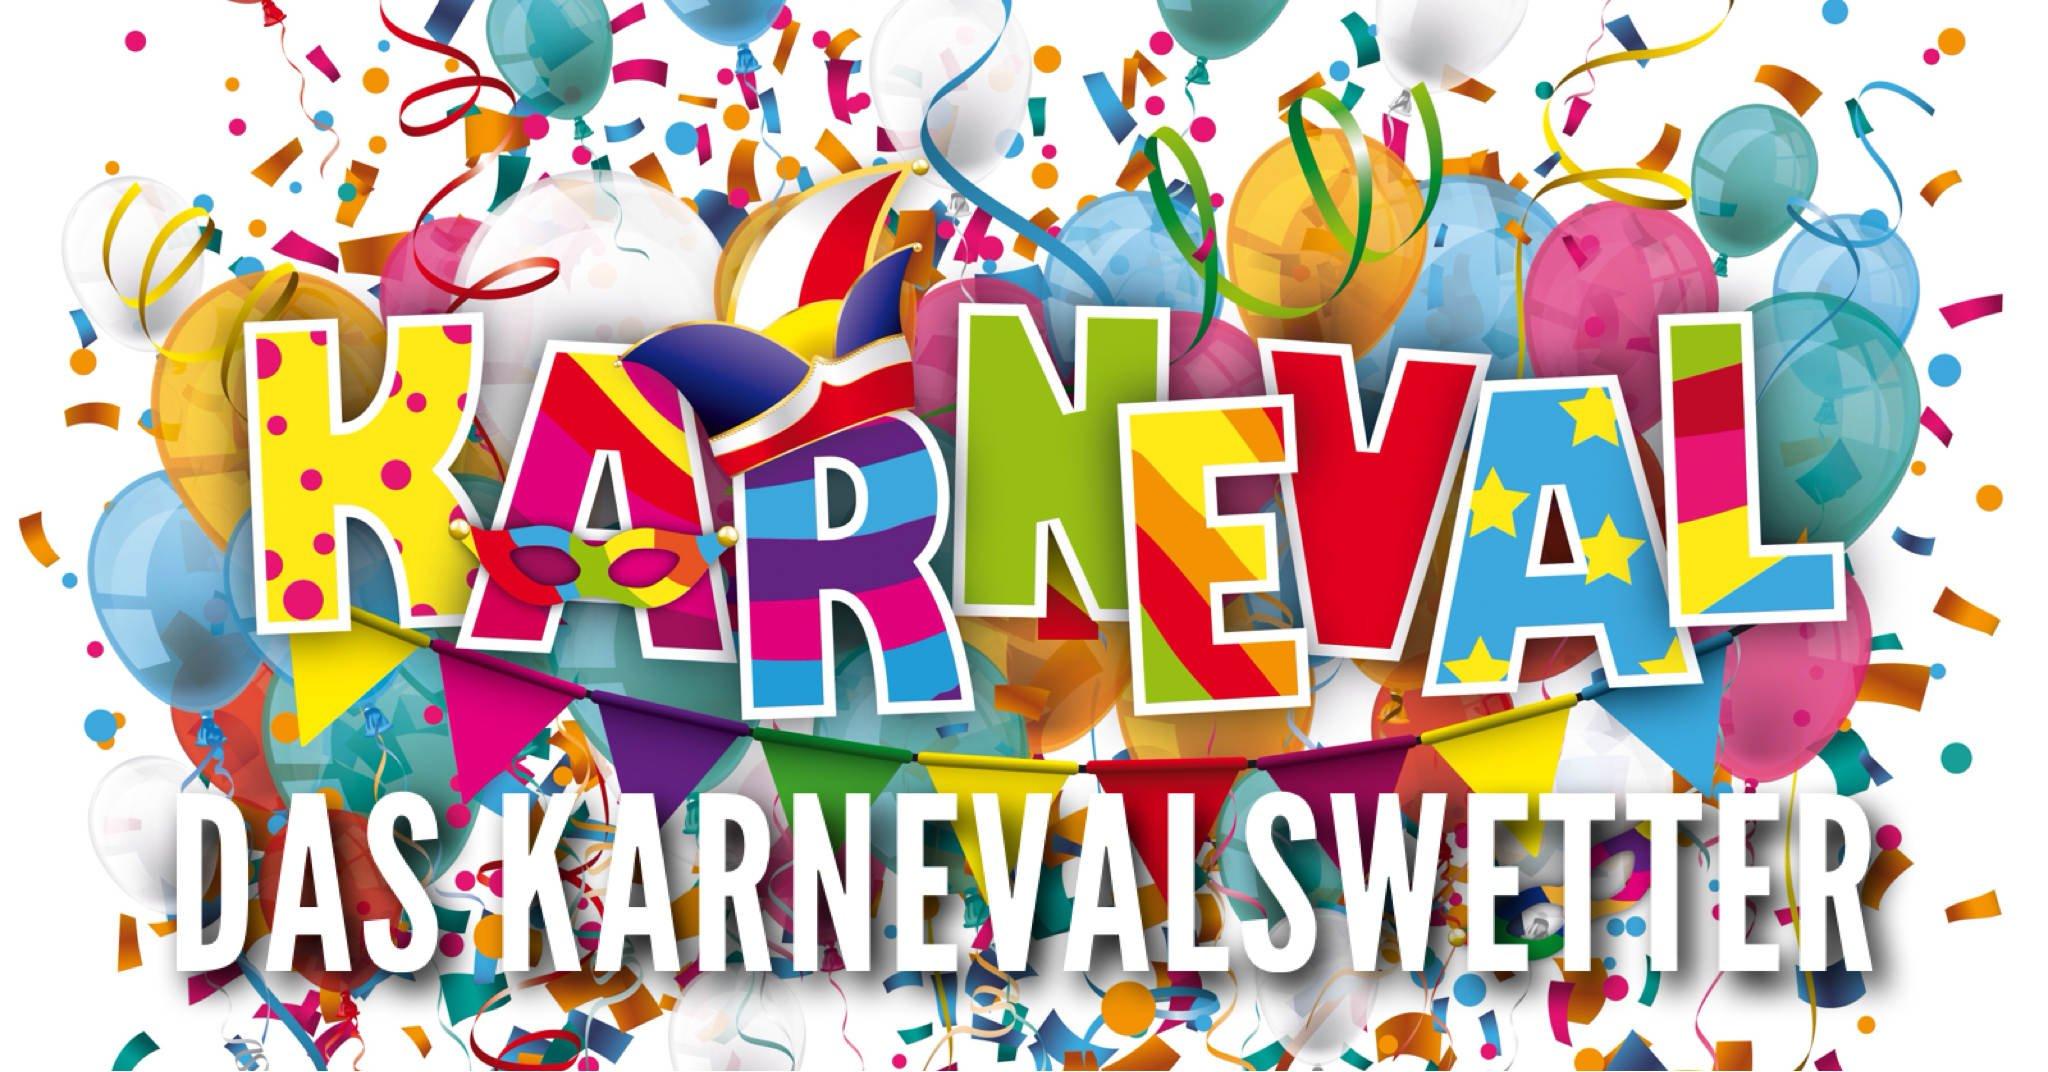 Karnevalswetter